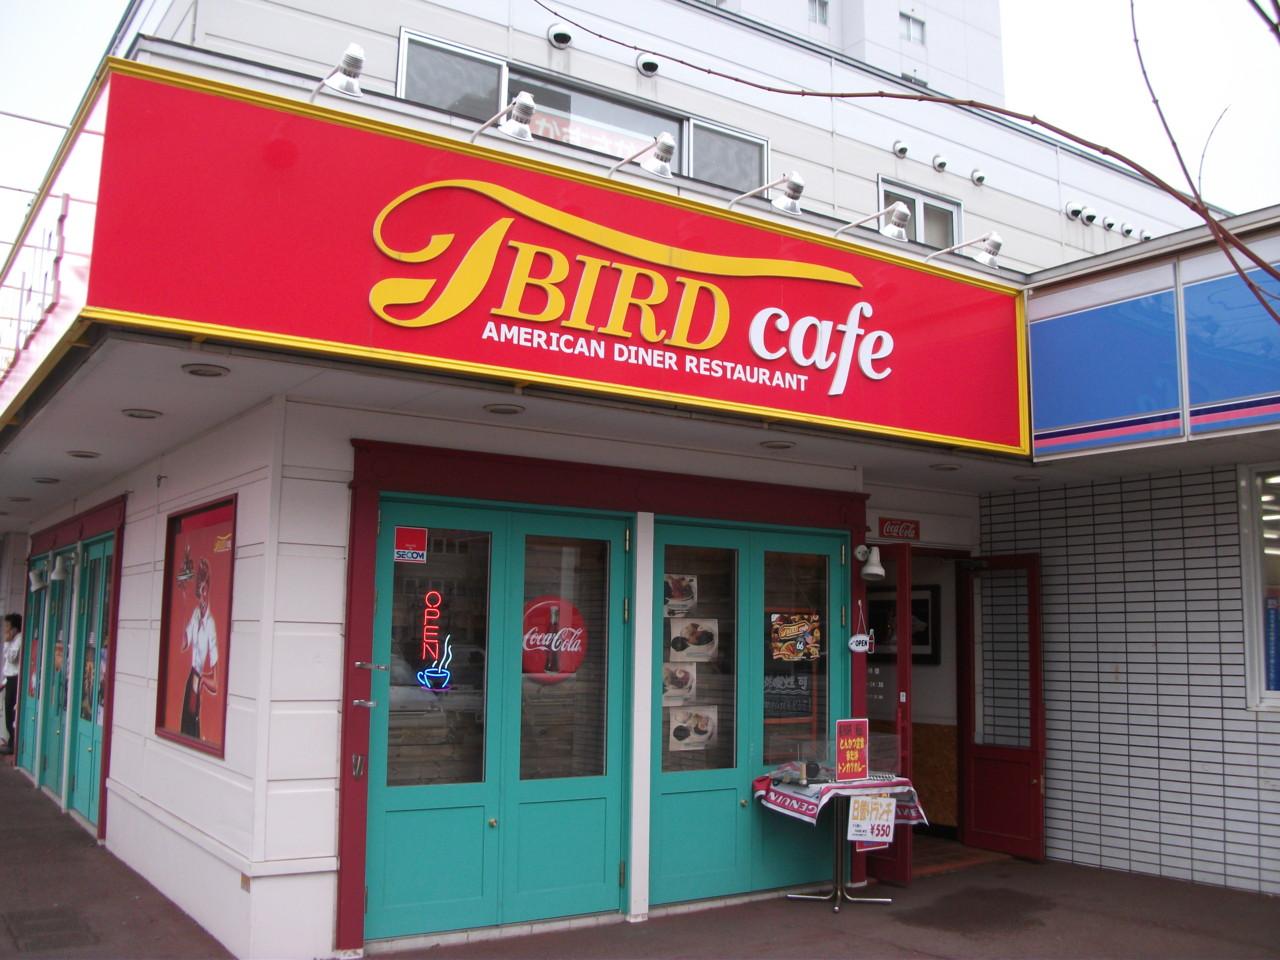 TBIRD Cafe